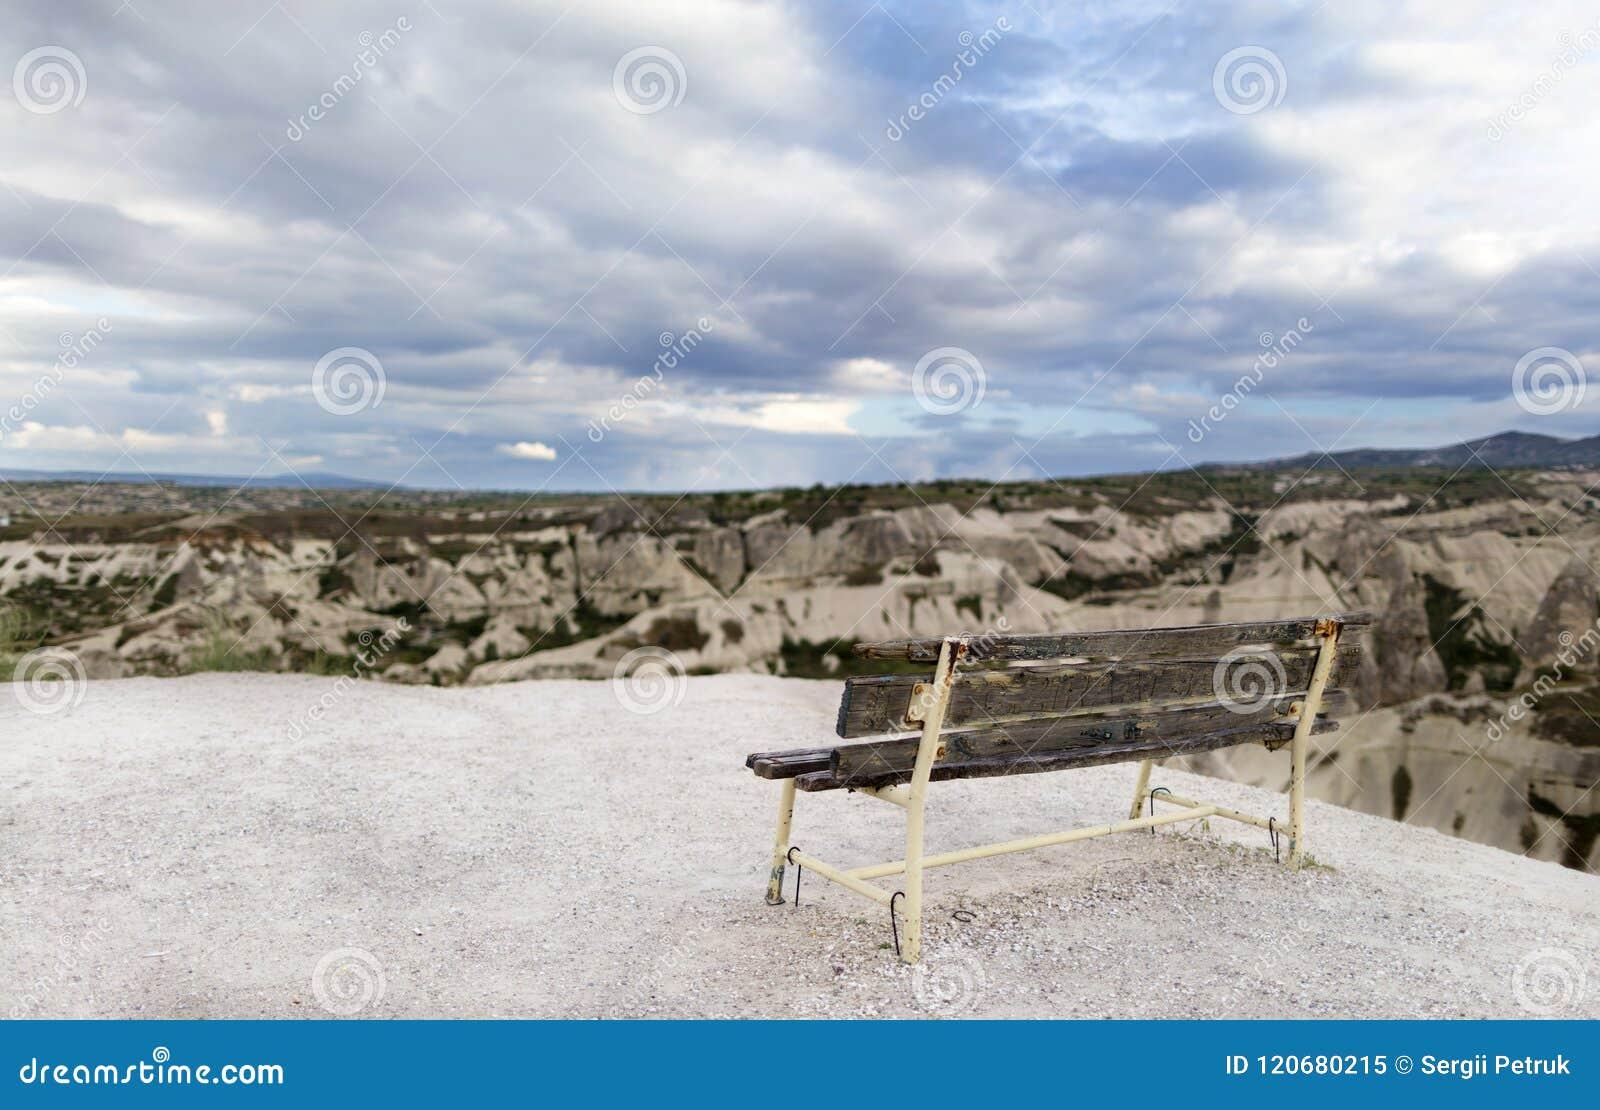 Gabarits superficiels par les agents en bois contre le contexte du paysage de montagne